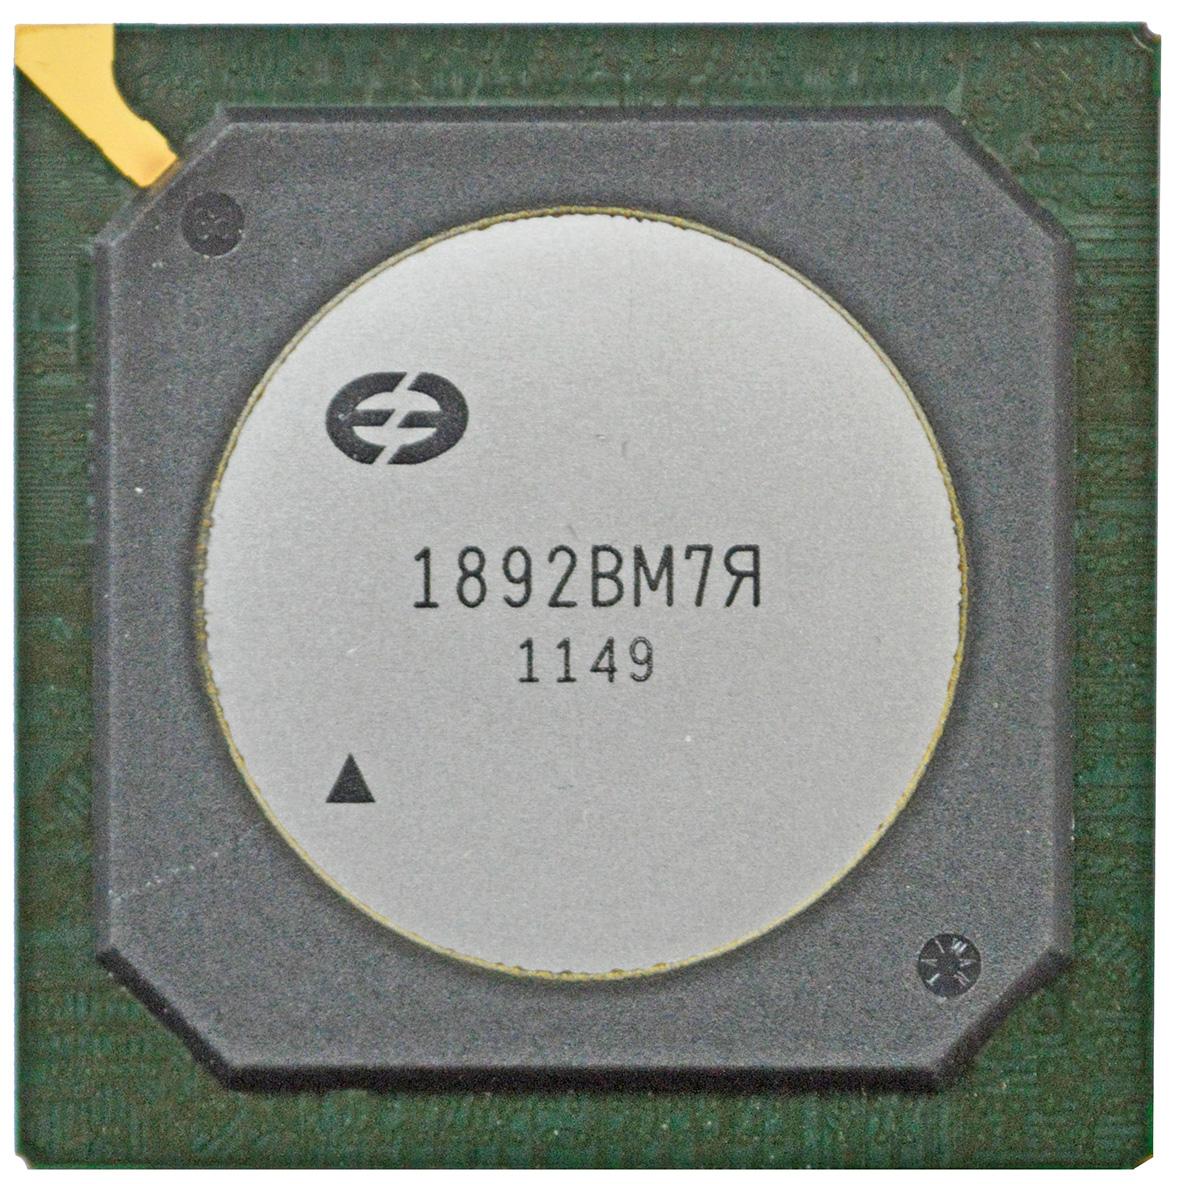 сигнальный процессор 1892ВМ7Я